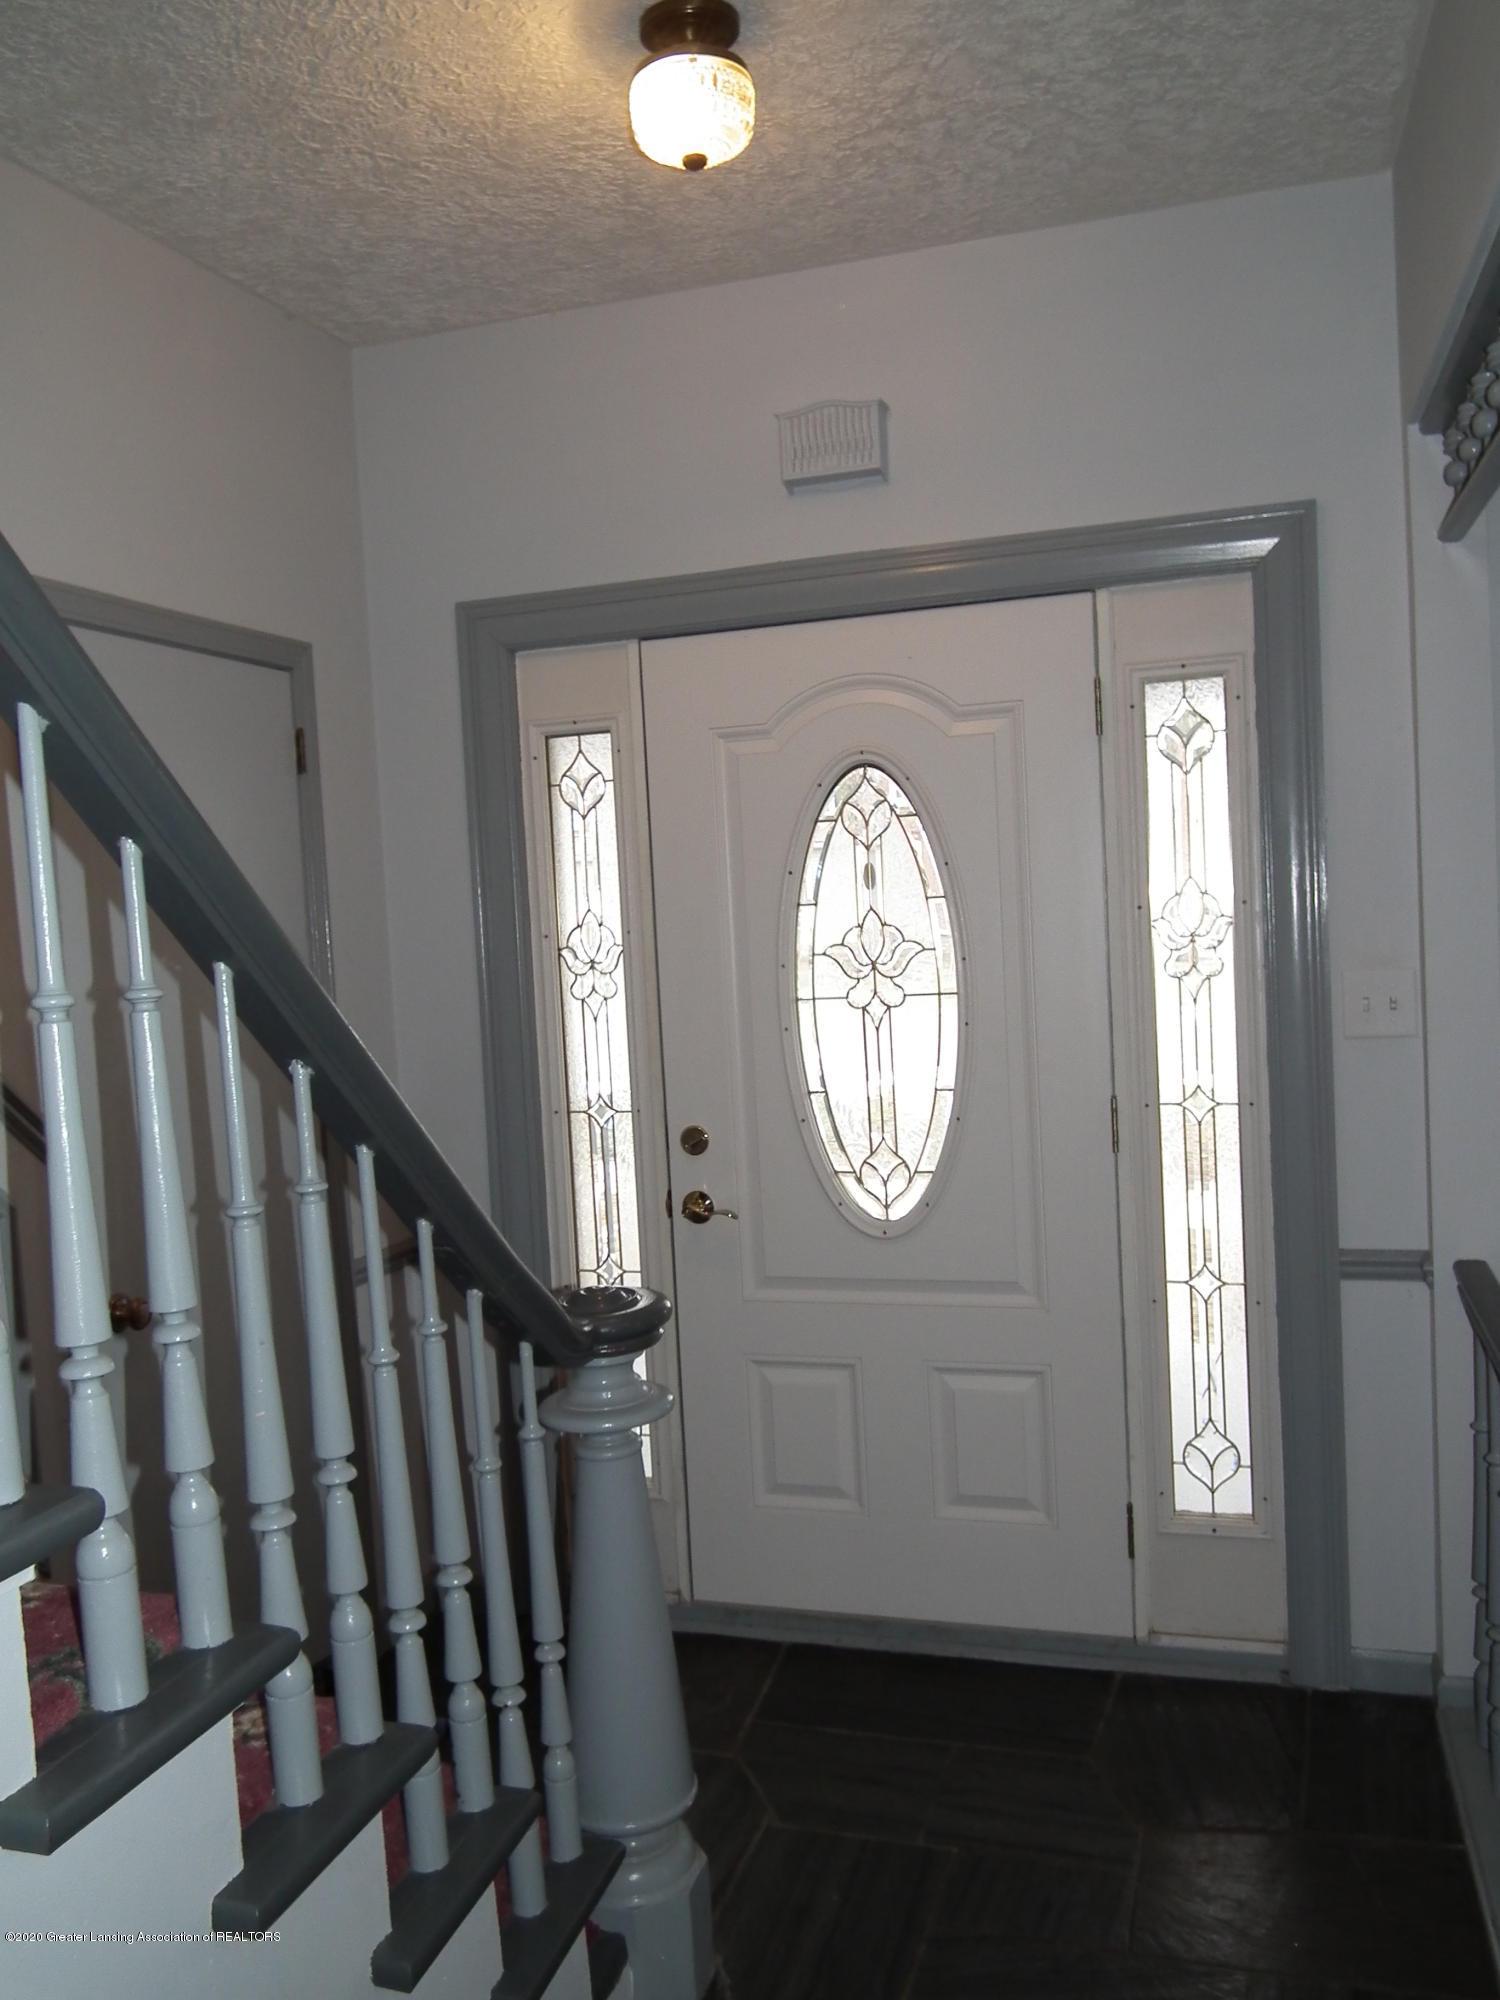 209 N Church St - 209 N. church, Foyer - 1